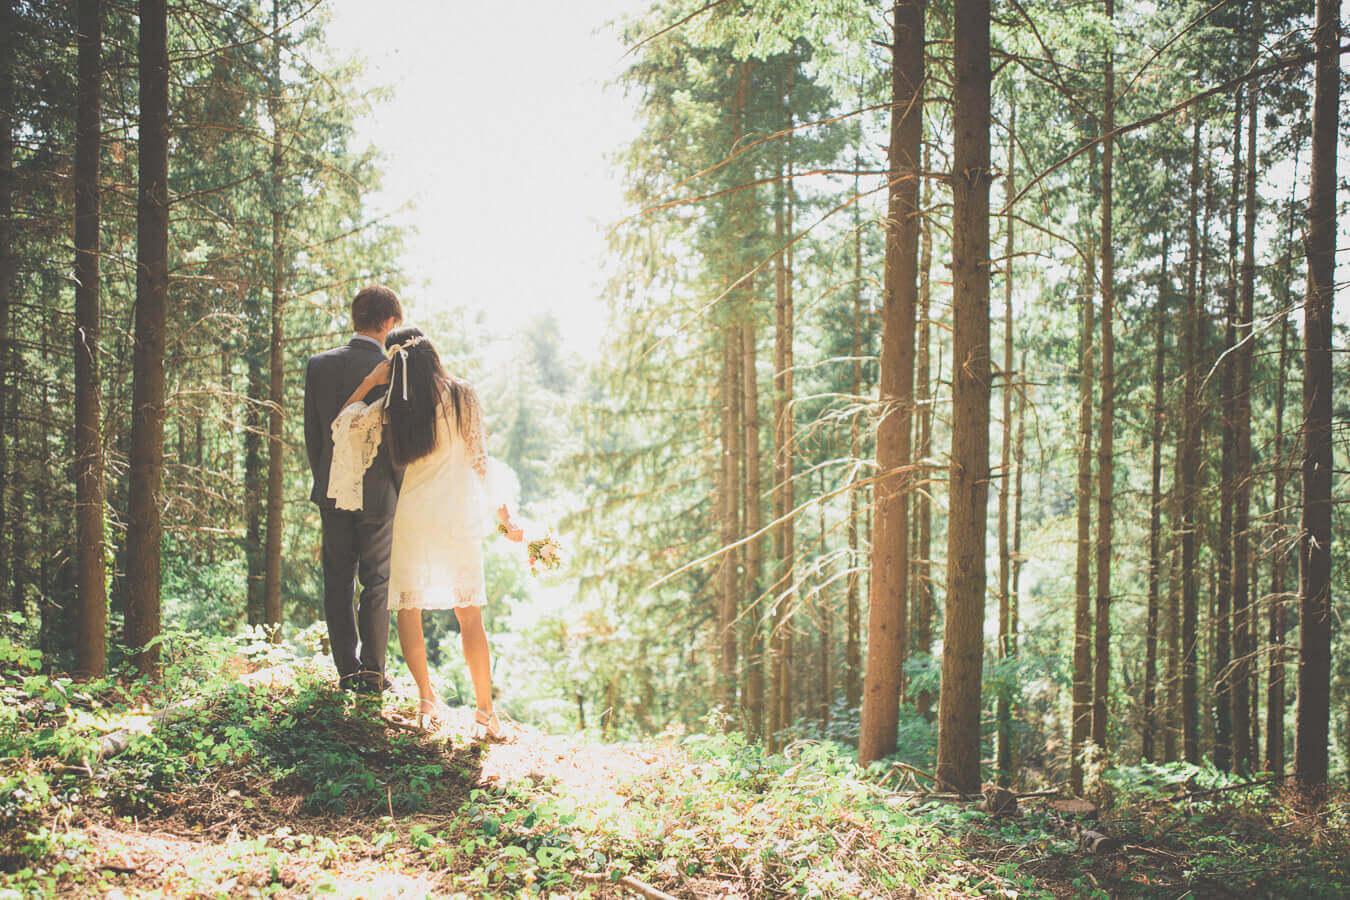 mariage en forêt photographe banlieue lyonnaise